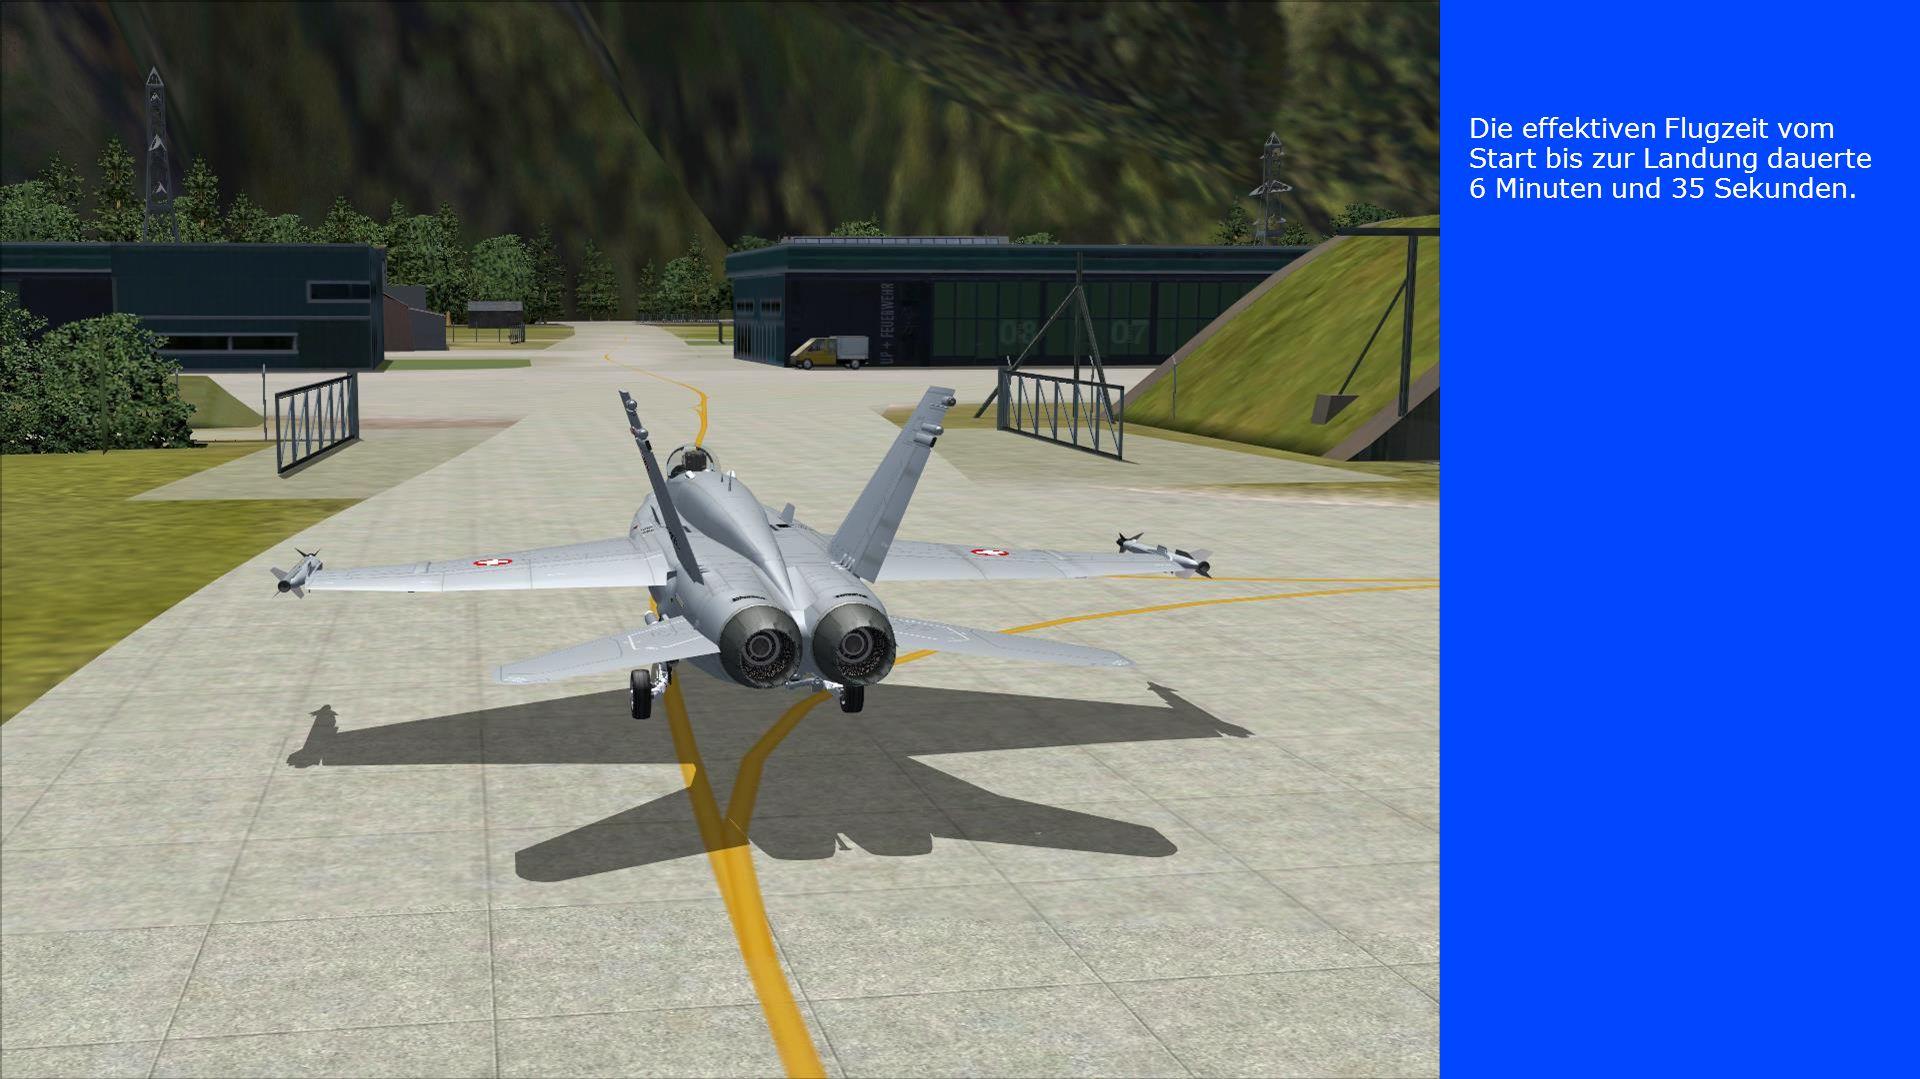 Die effektiven Flugzeit vom Start bis zur Landung dauerte 6 Minuten und 35 Sekunden.